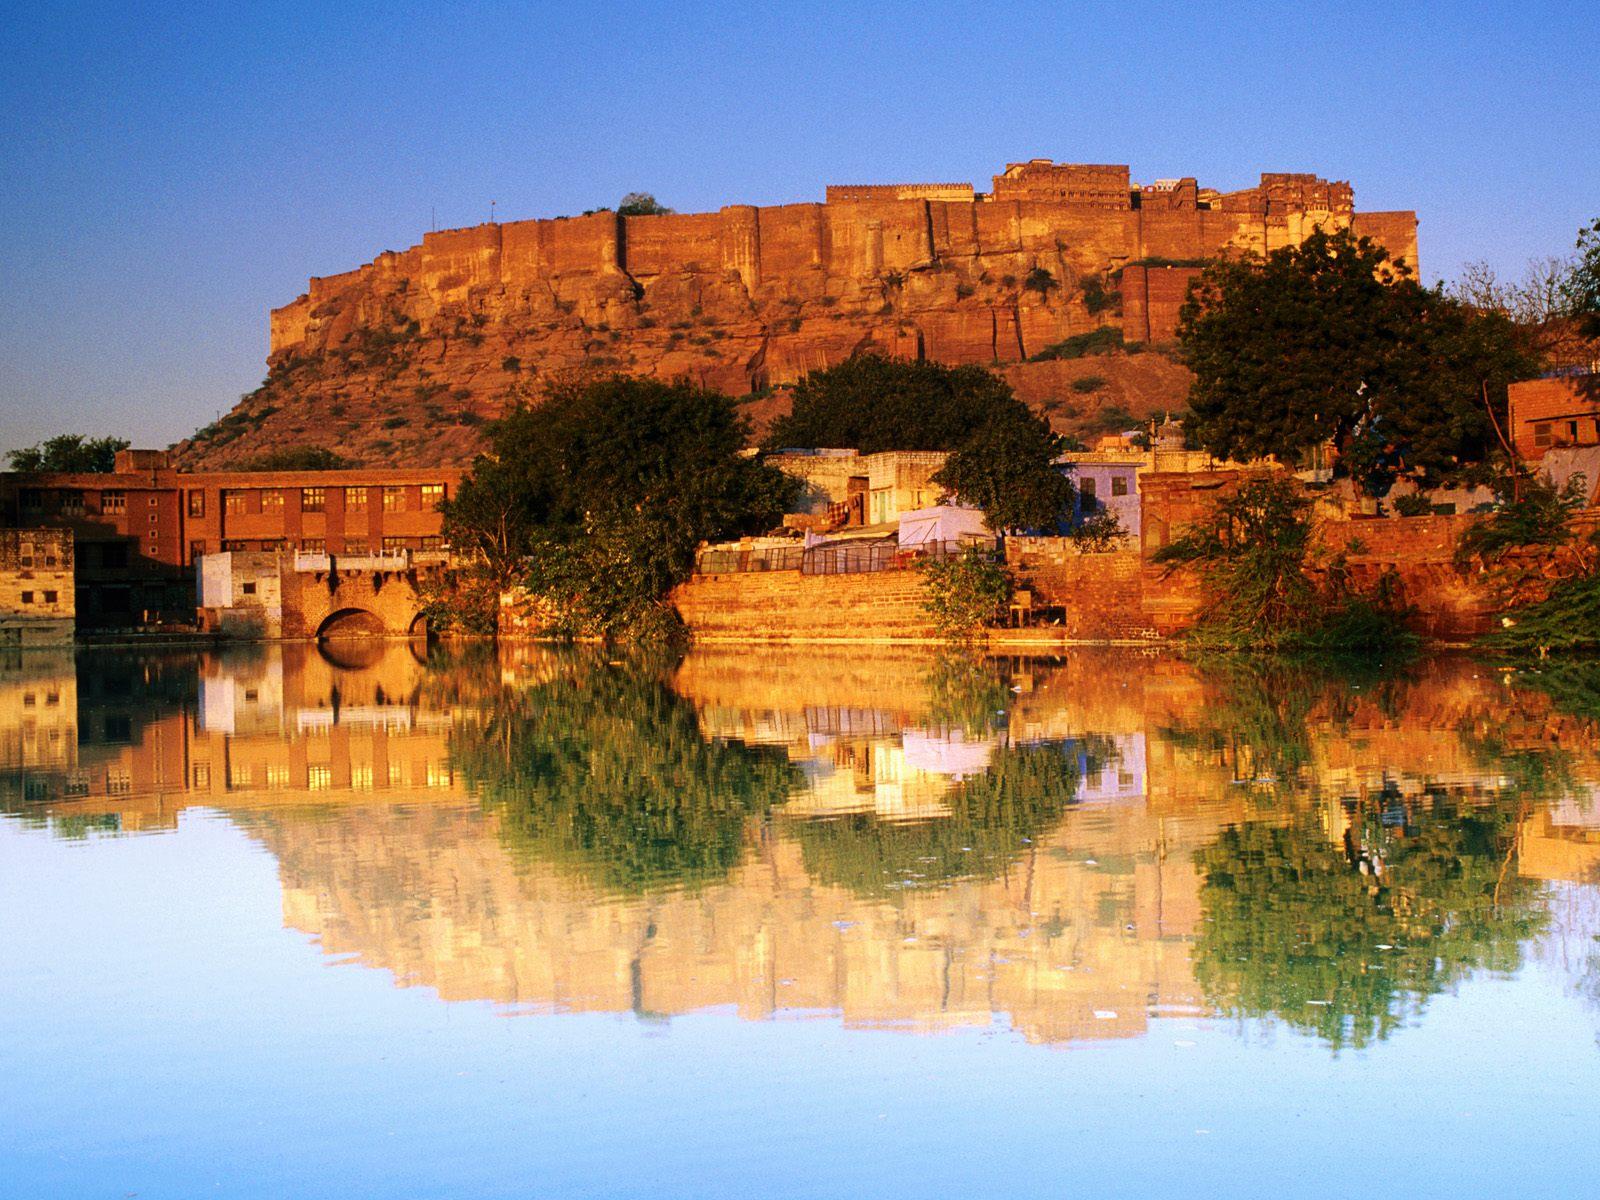 ジョドプール(インド) 壁紙 - Jodhpur, Rajasthan, India WALLPAPER